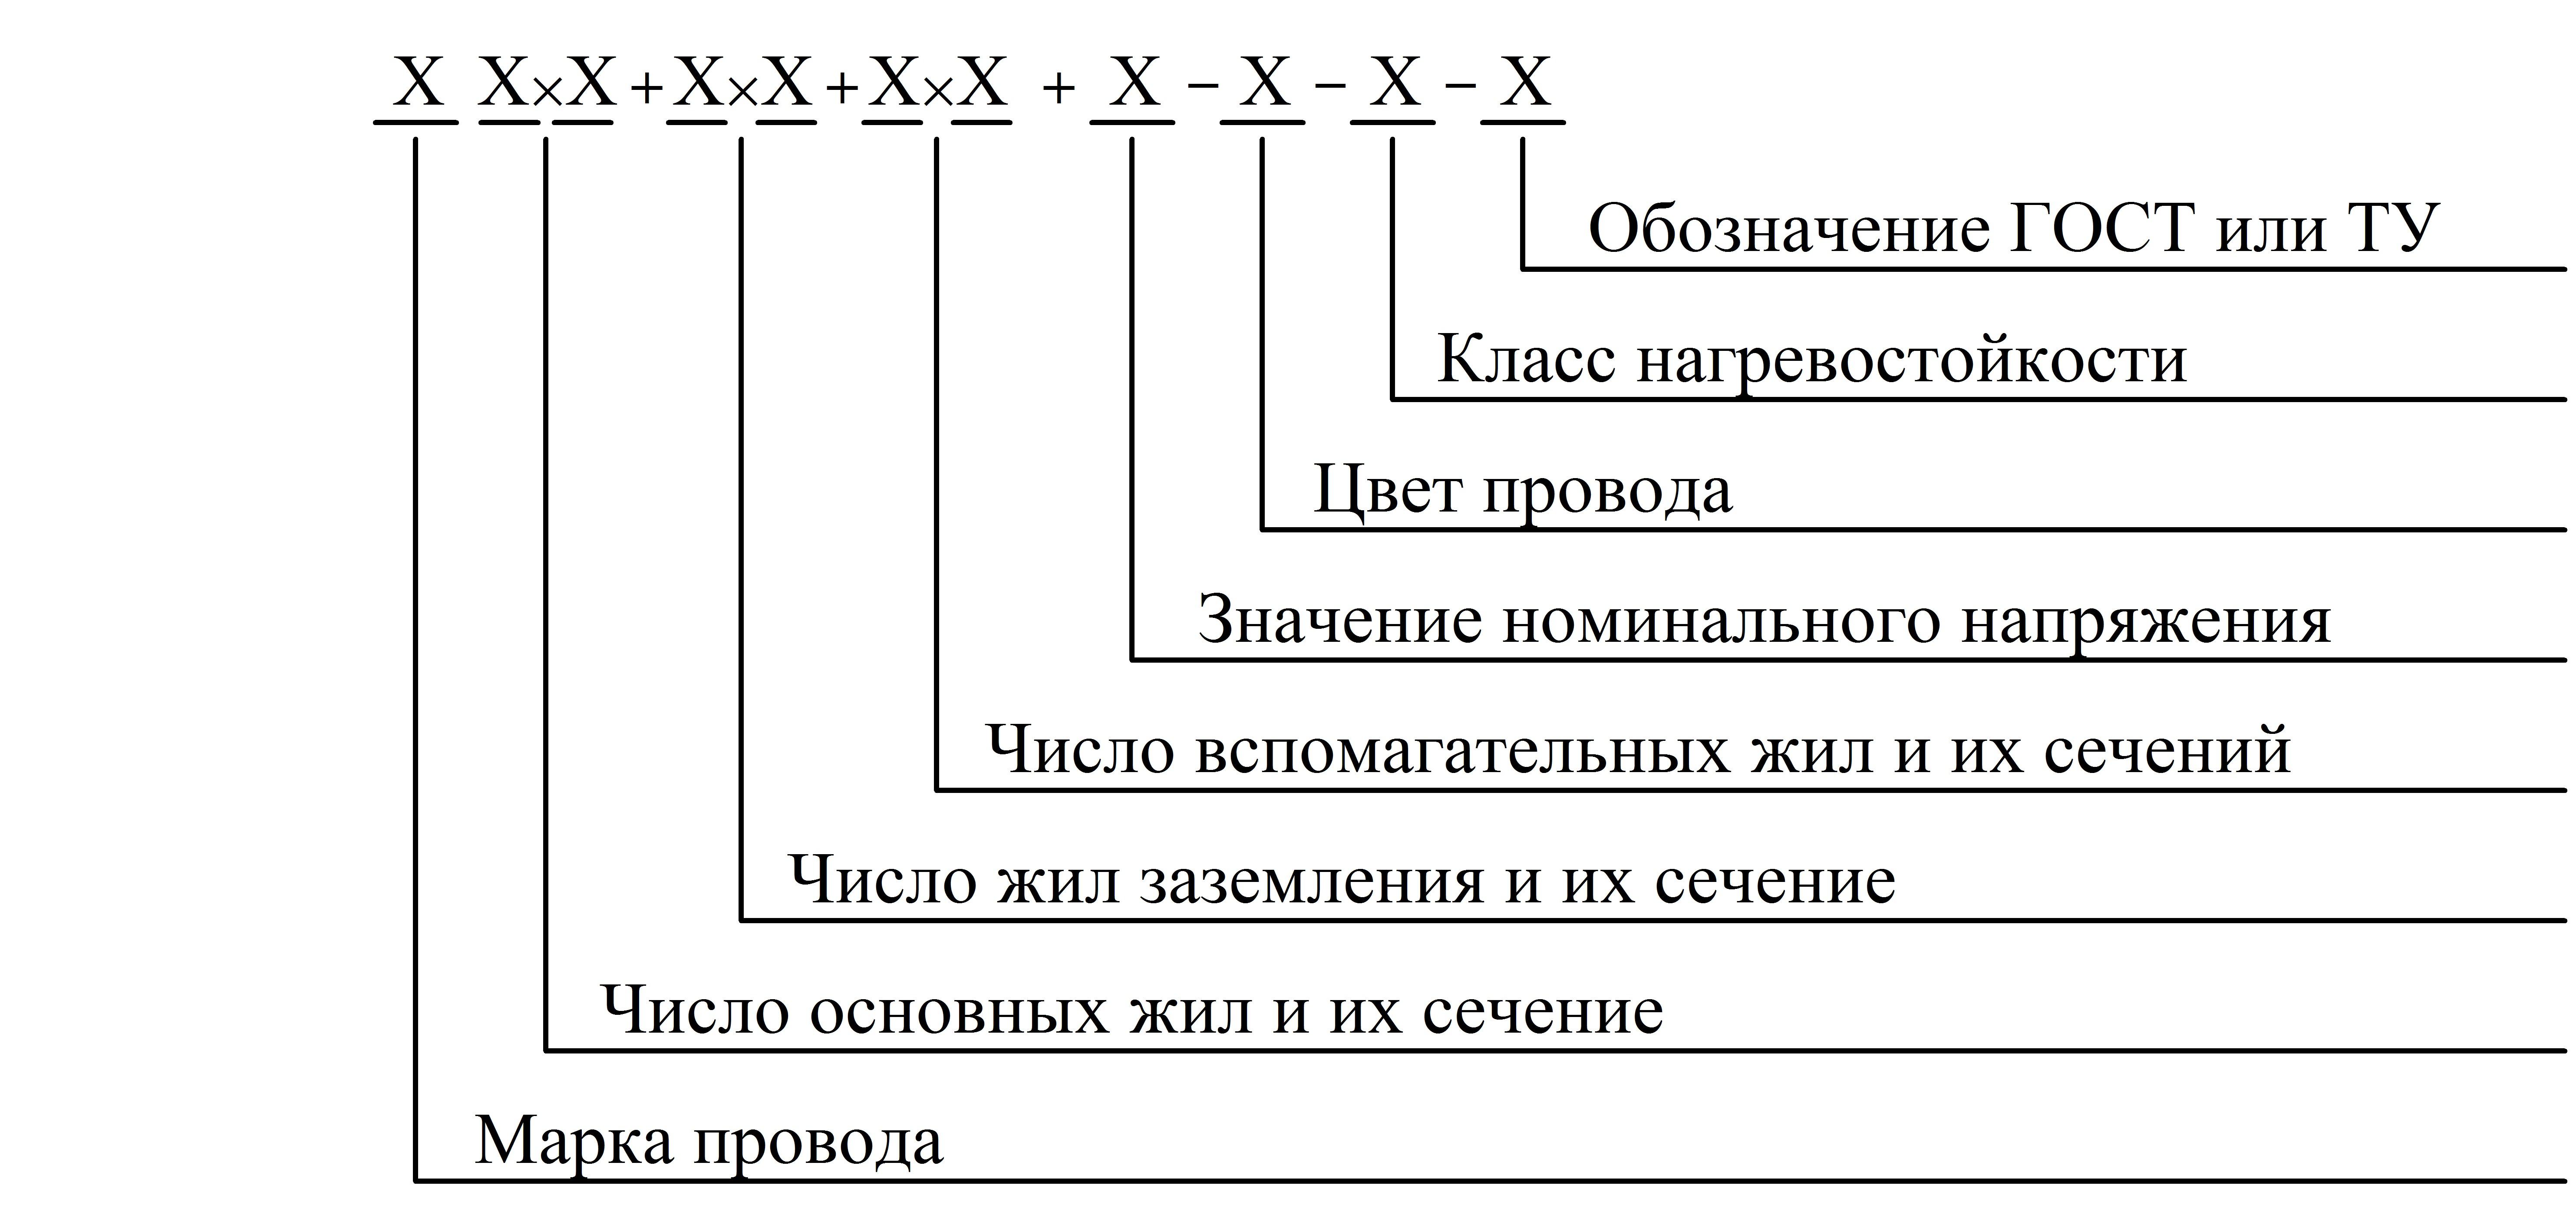 Расшифровка цифро-буквенной маркировки электрических кабелей и проводов